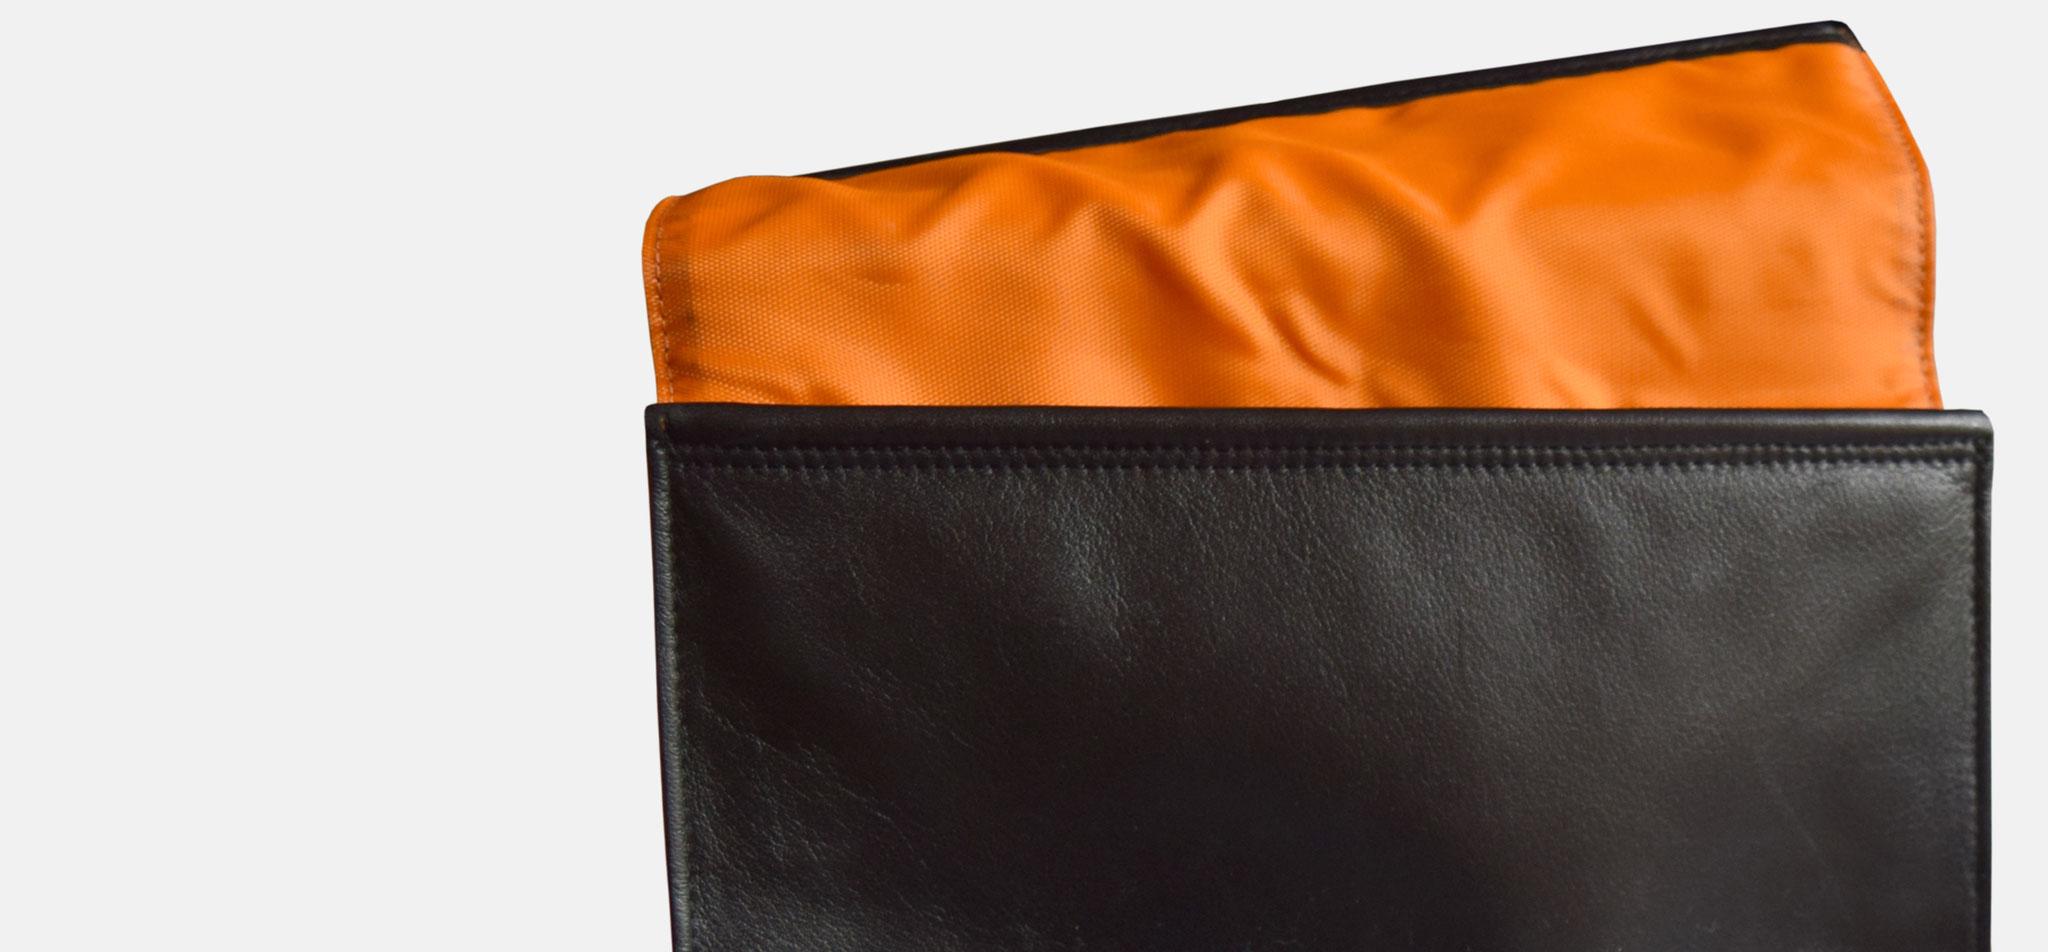 BREE | clutch poco, leder und nylon, verschluss via gummiband – infragrau, gute gestaltung